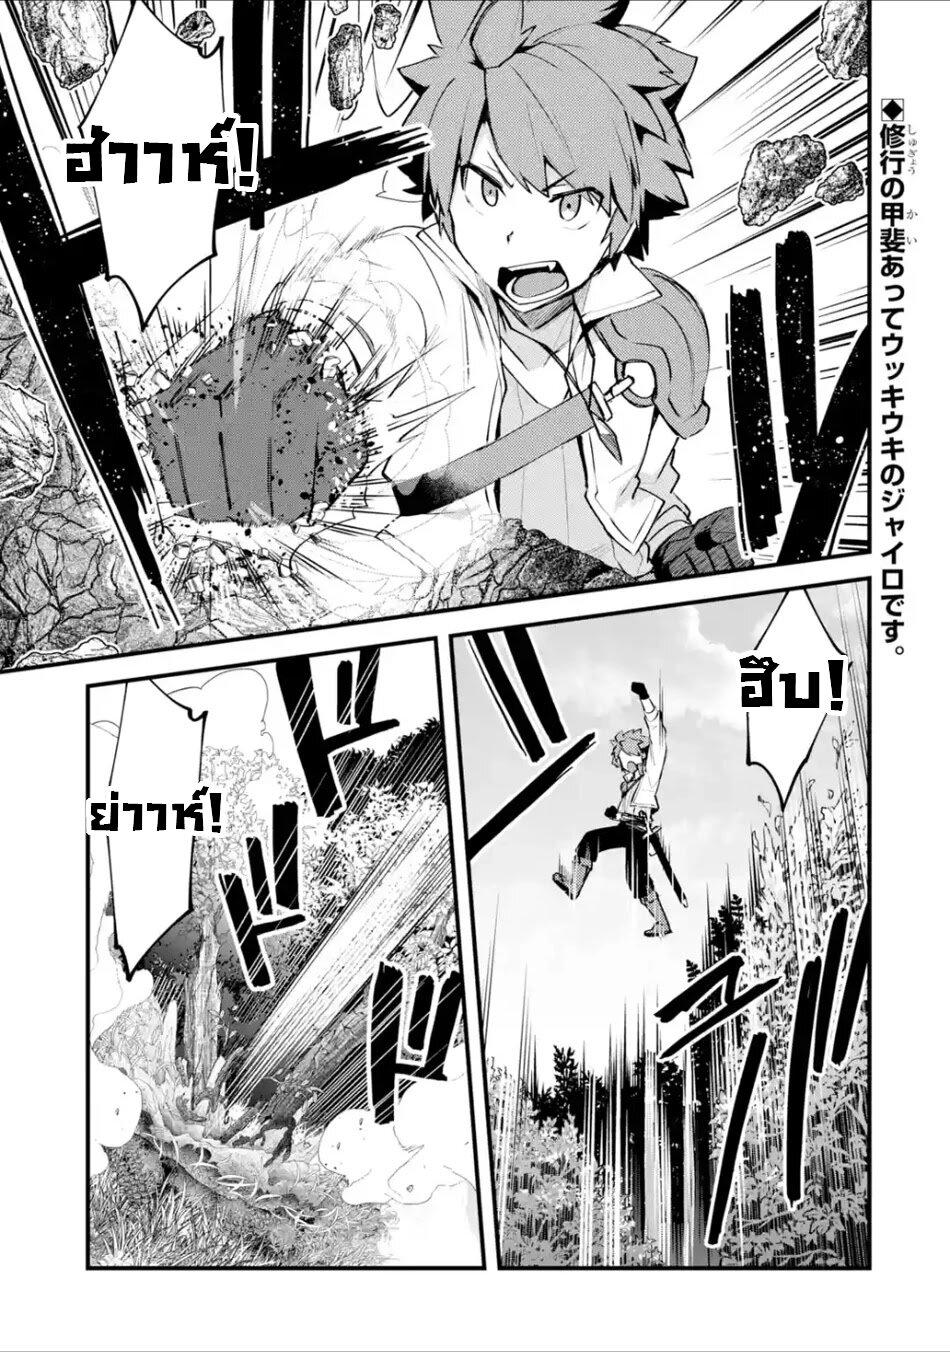 อ่านการ์ตูน Nido Tensei Shita Shounen wa S Rank Boukensha Toshite Heion ni Sugosu-zense ga kenja de eiyuu datta boku wa raisede wa jimini ikiru ตอนที่ 9 หน้าที่ 2